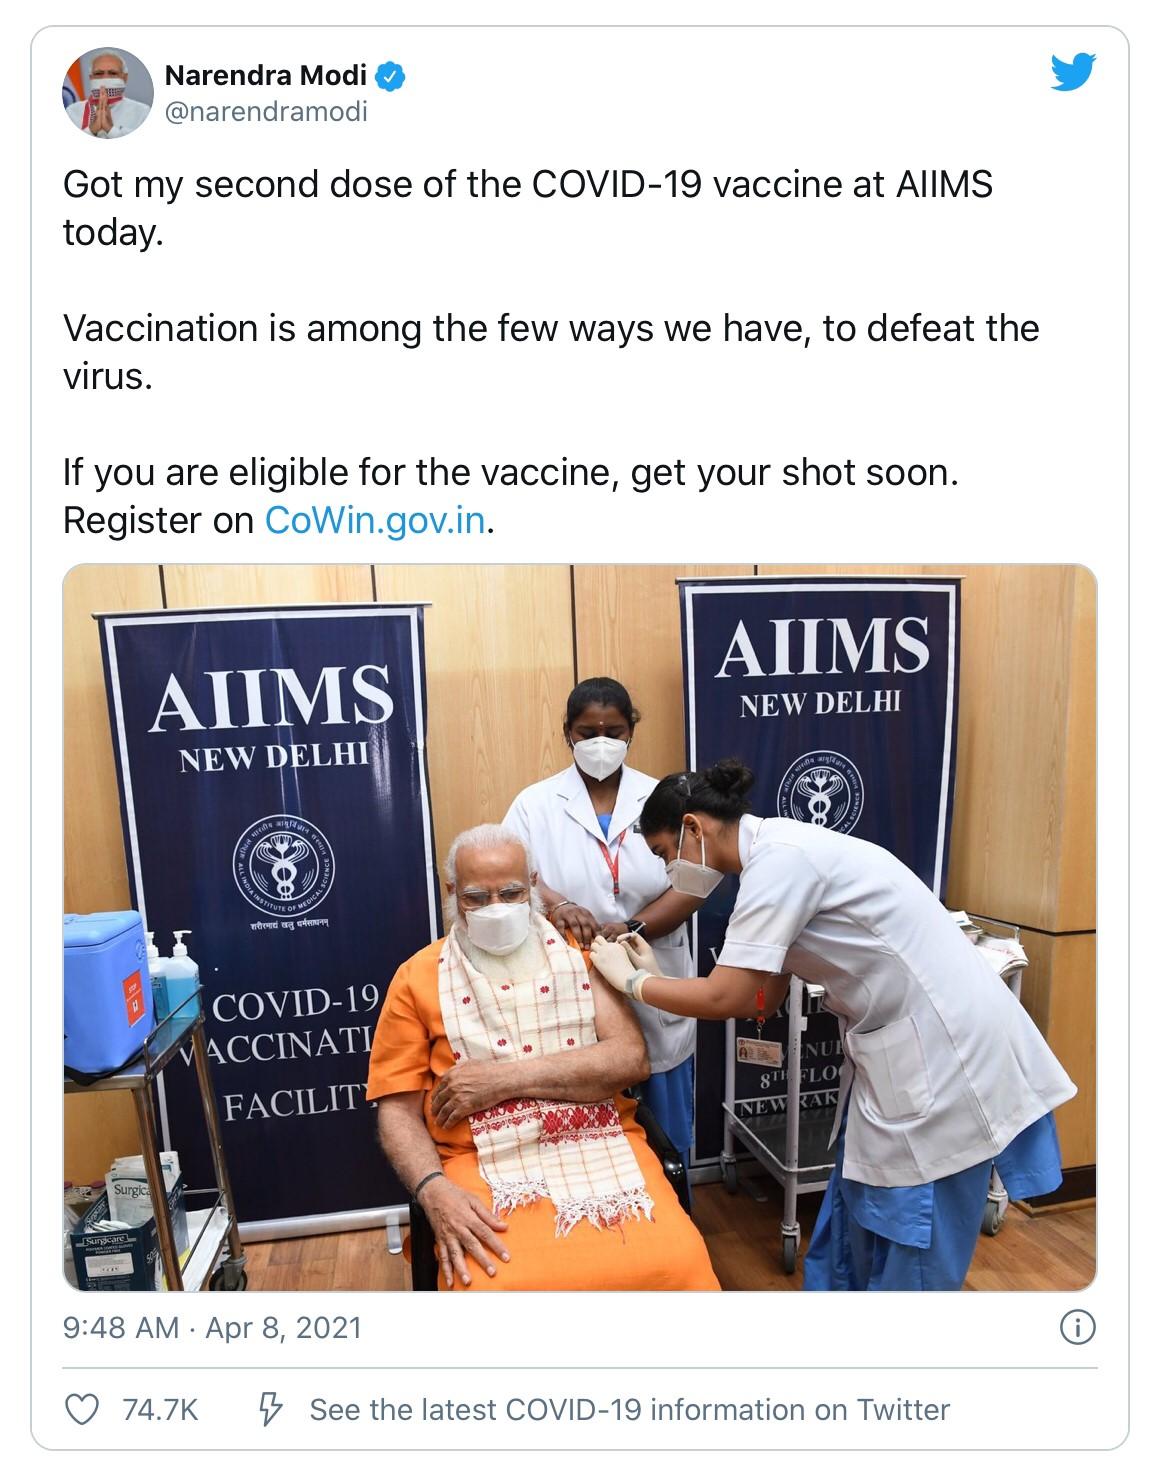 莫迪在推特上发布自己接种疫苗的照片,并呼吁民众尽快接种。